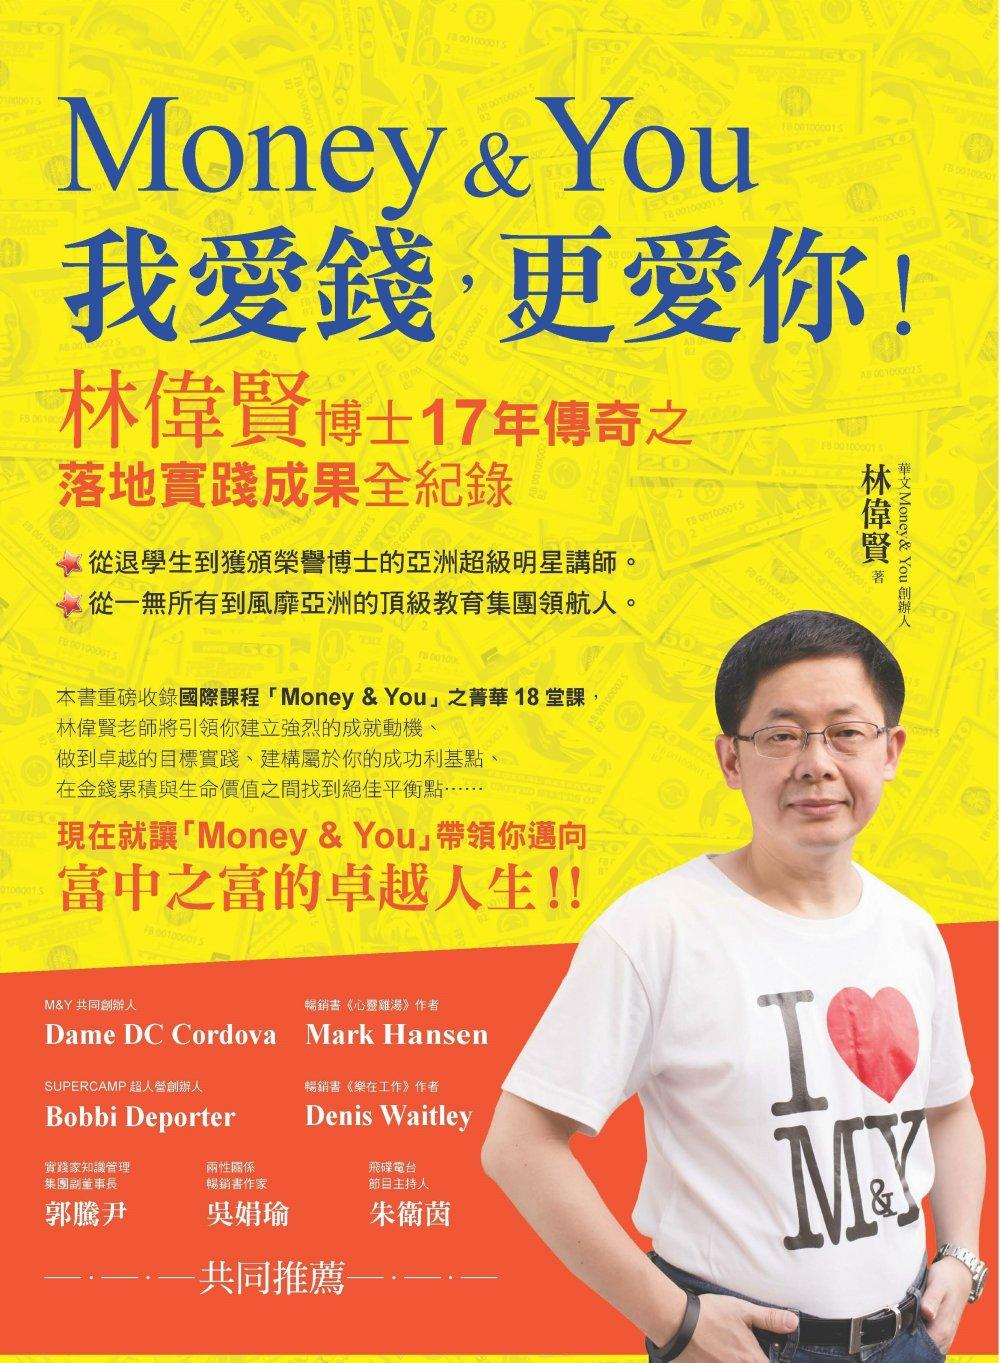 Money&You 我愛錢,更愛你:林偉賢博士17年傳奇之落地實踐成果全紀錄